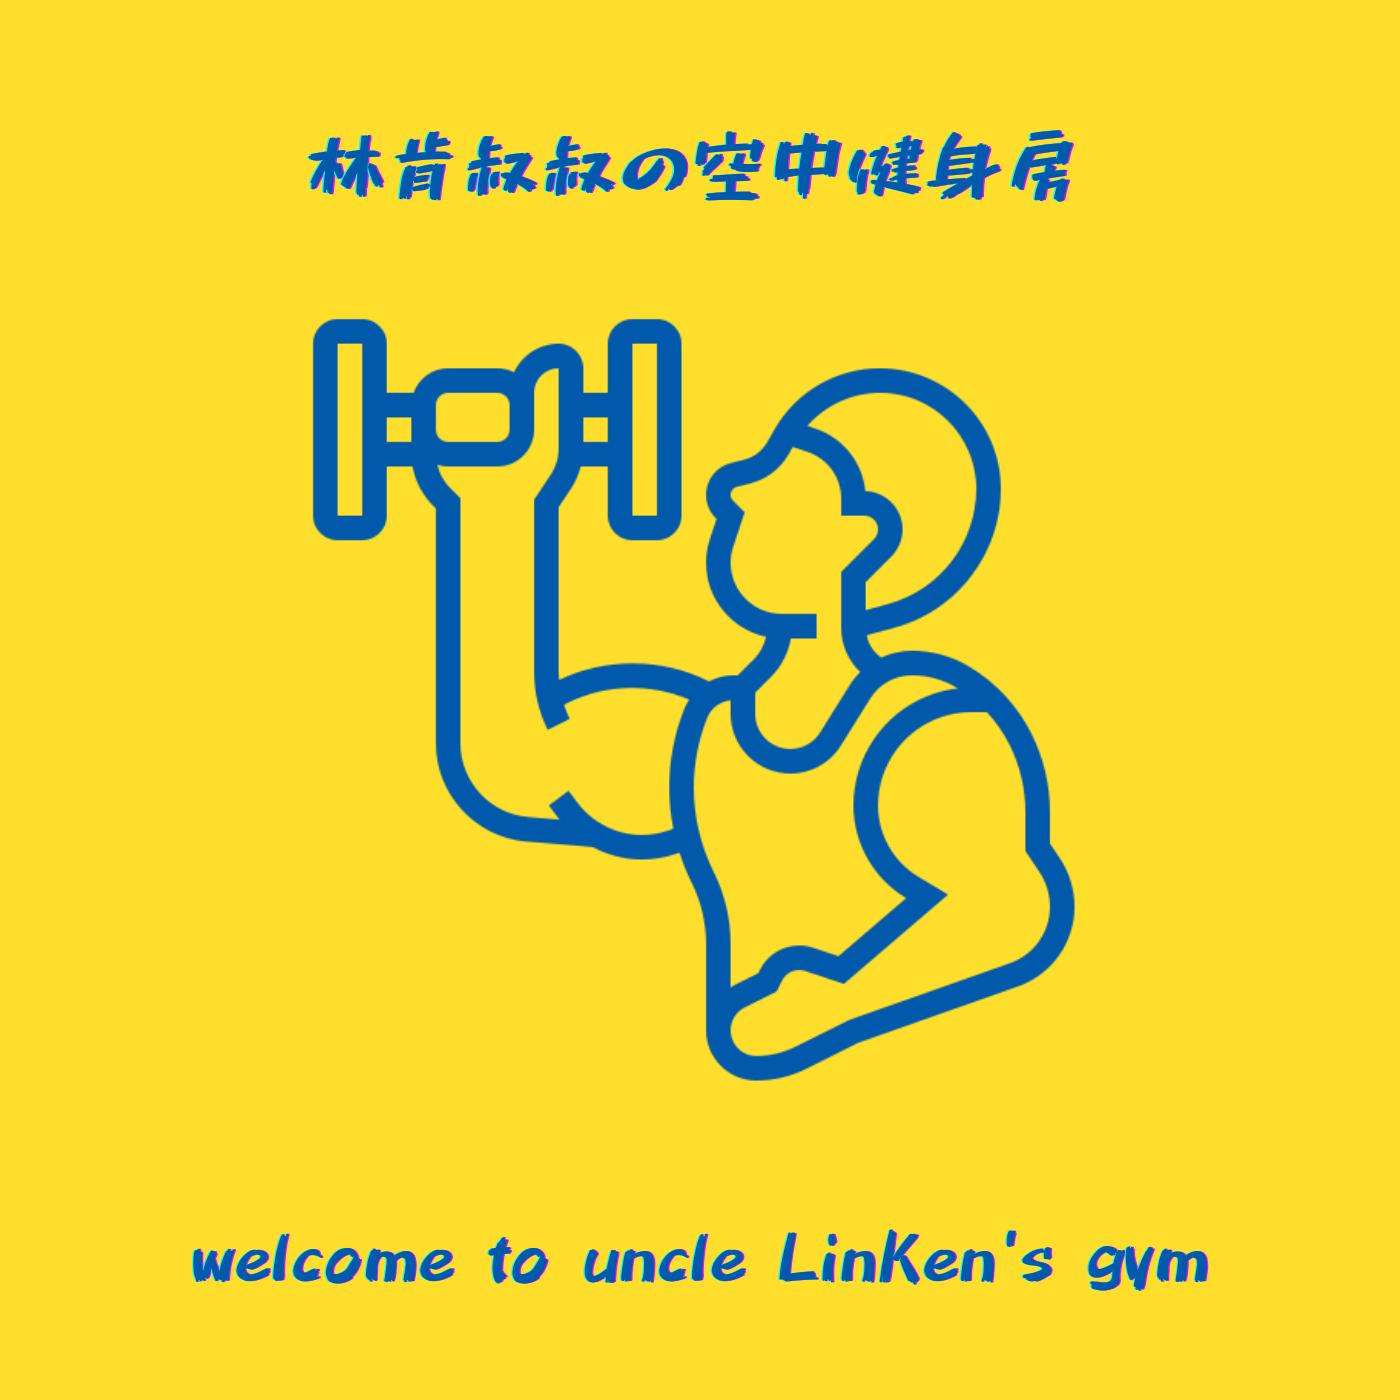 林肯叔叔的空中健身房